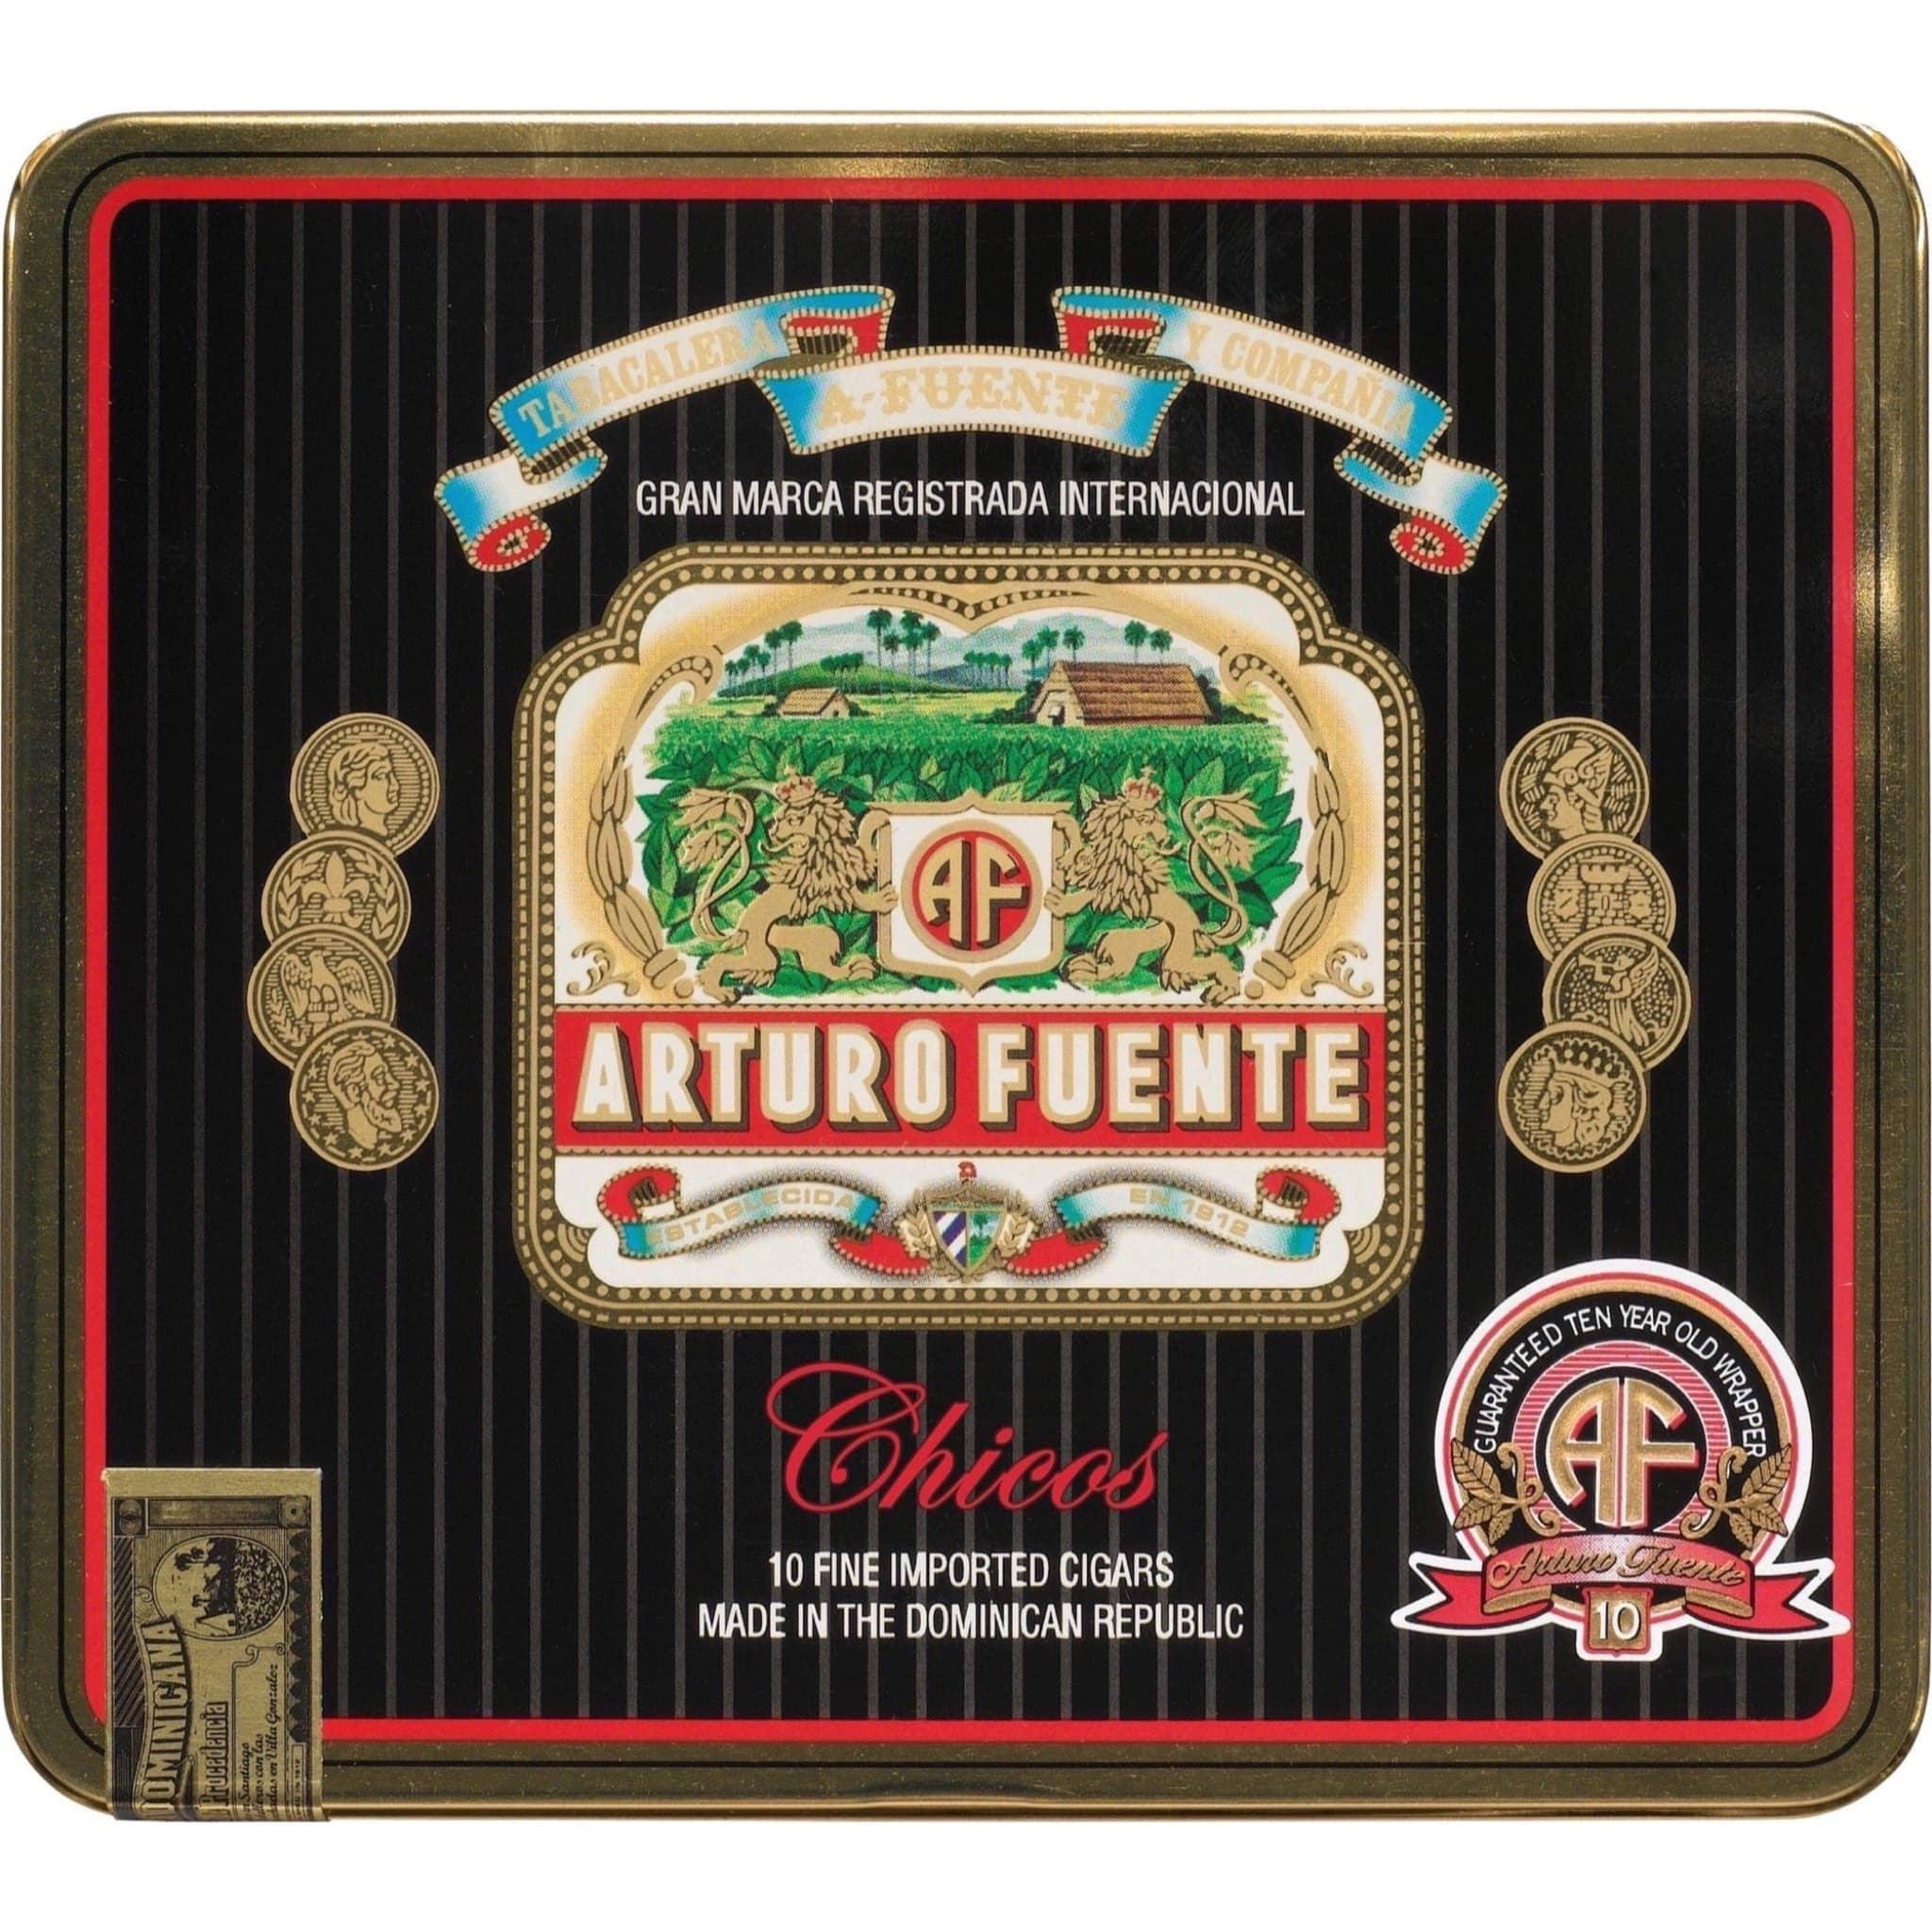 Arturo Fuente Gran Reserva Chicos 10er Packung